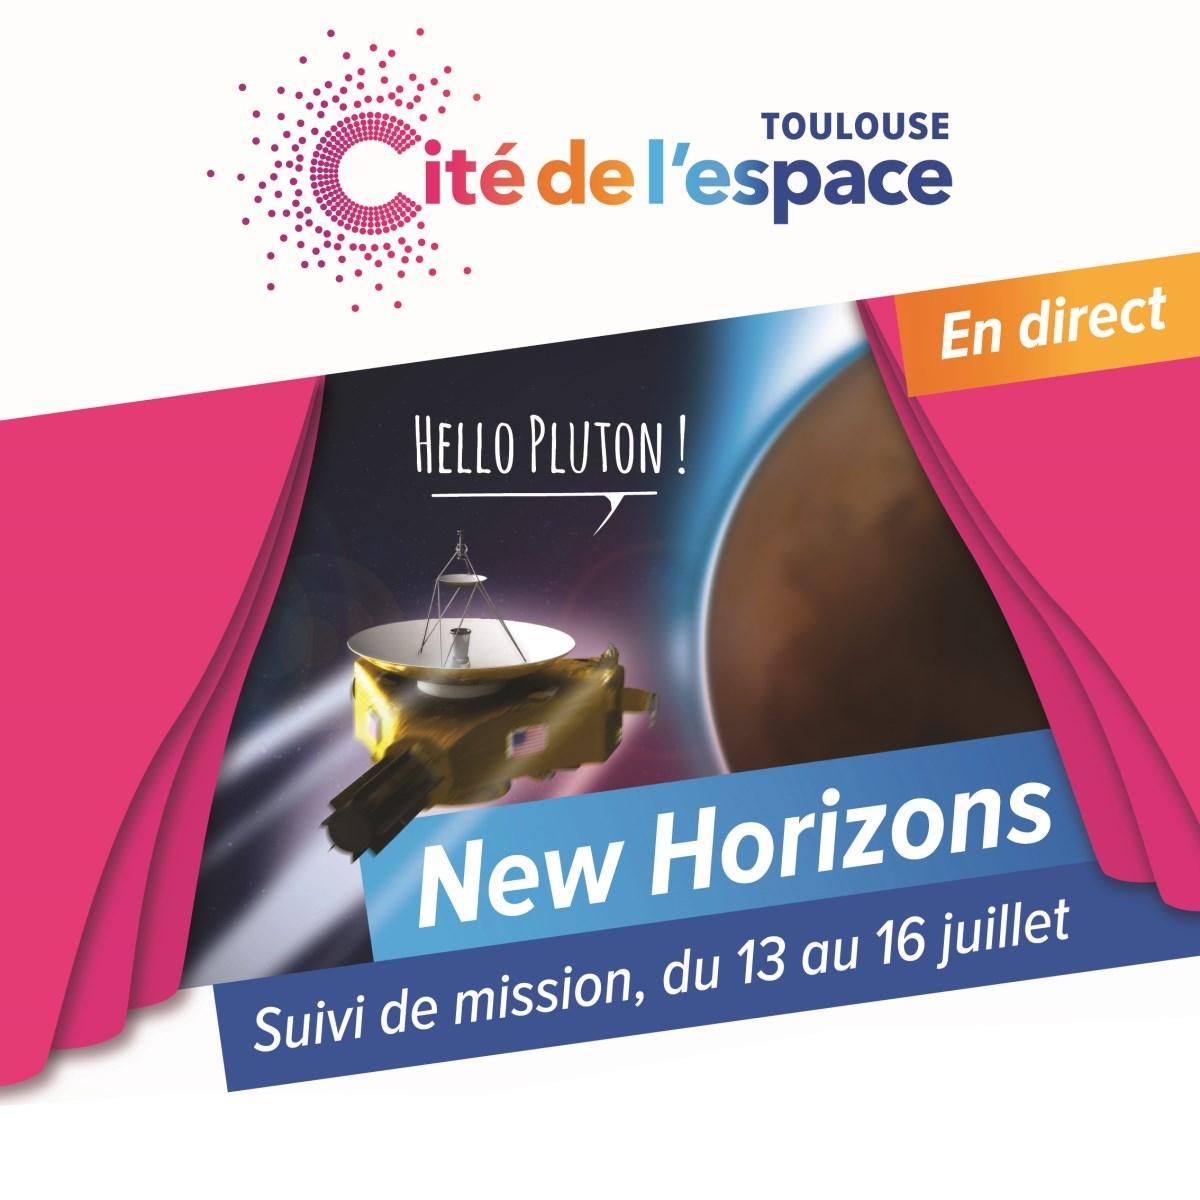 je_evenement_cite-de-lespace-pluton-new-horizon.jpg